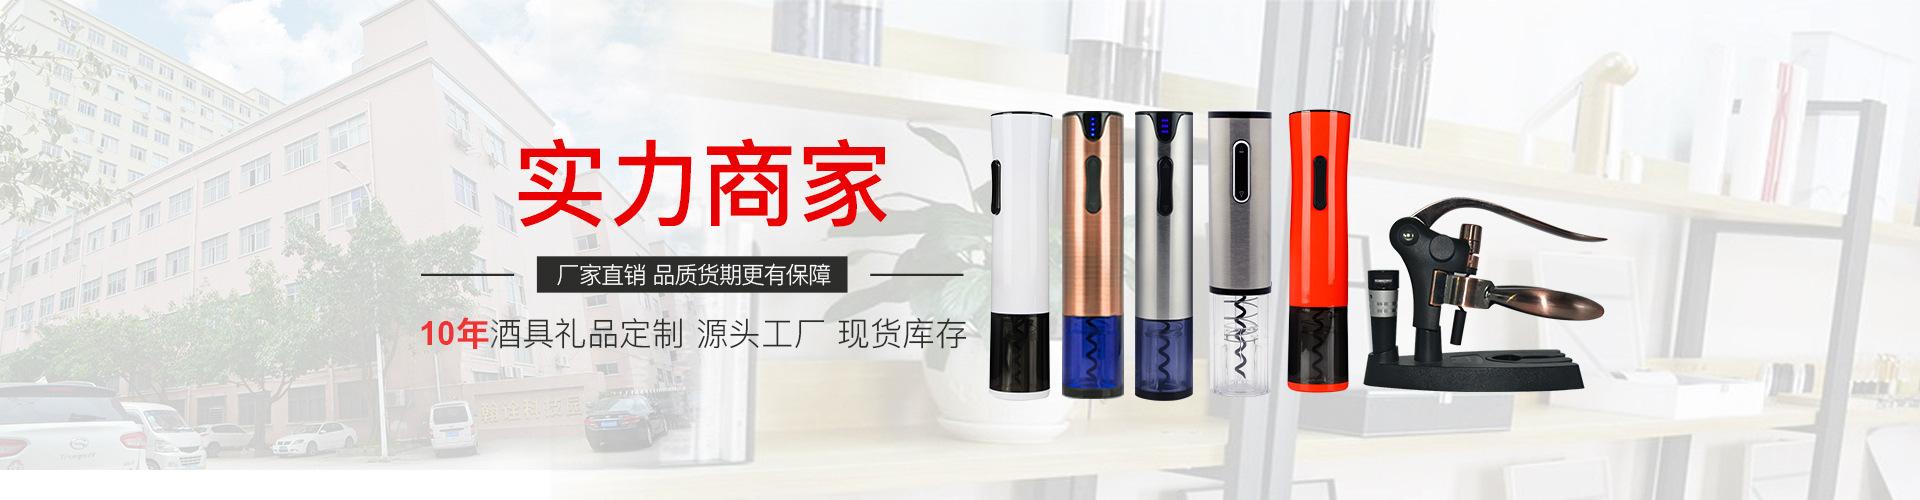 实力共赏,集生产销售设计于一体的百诣电动开瓶器!